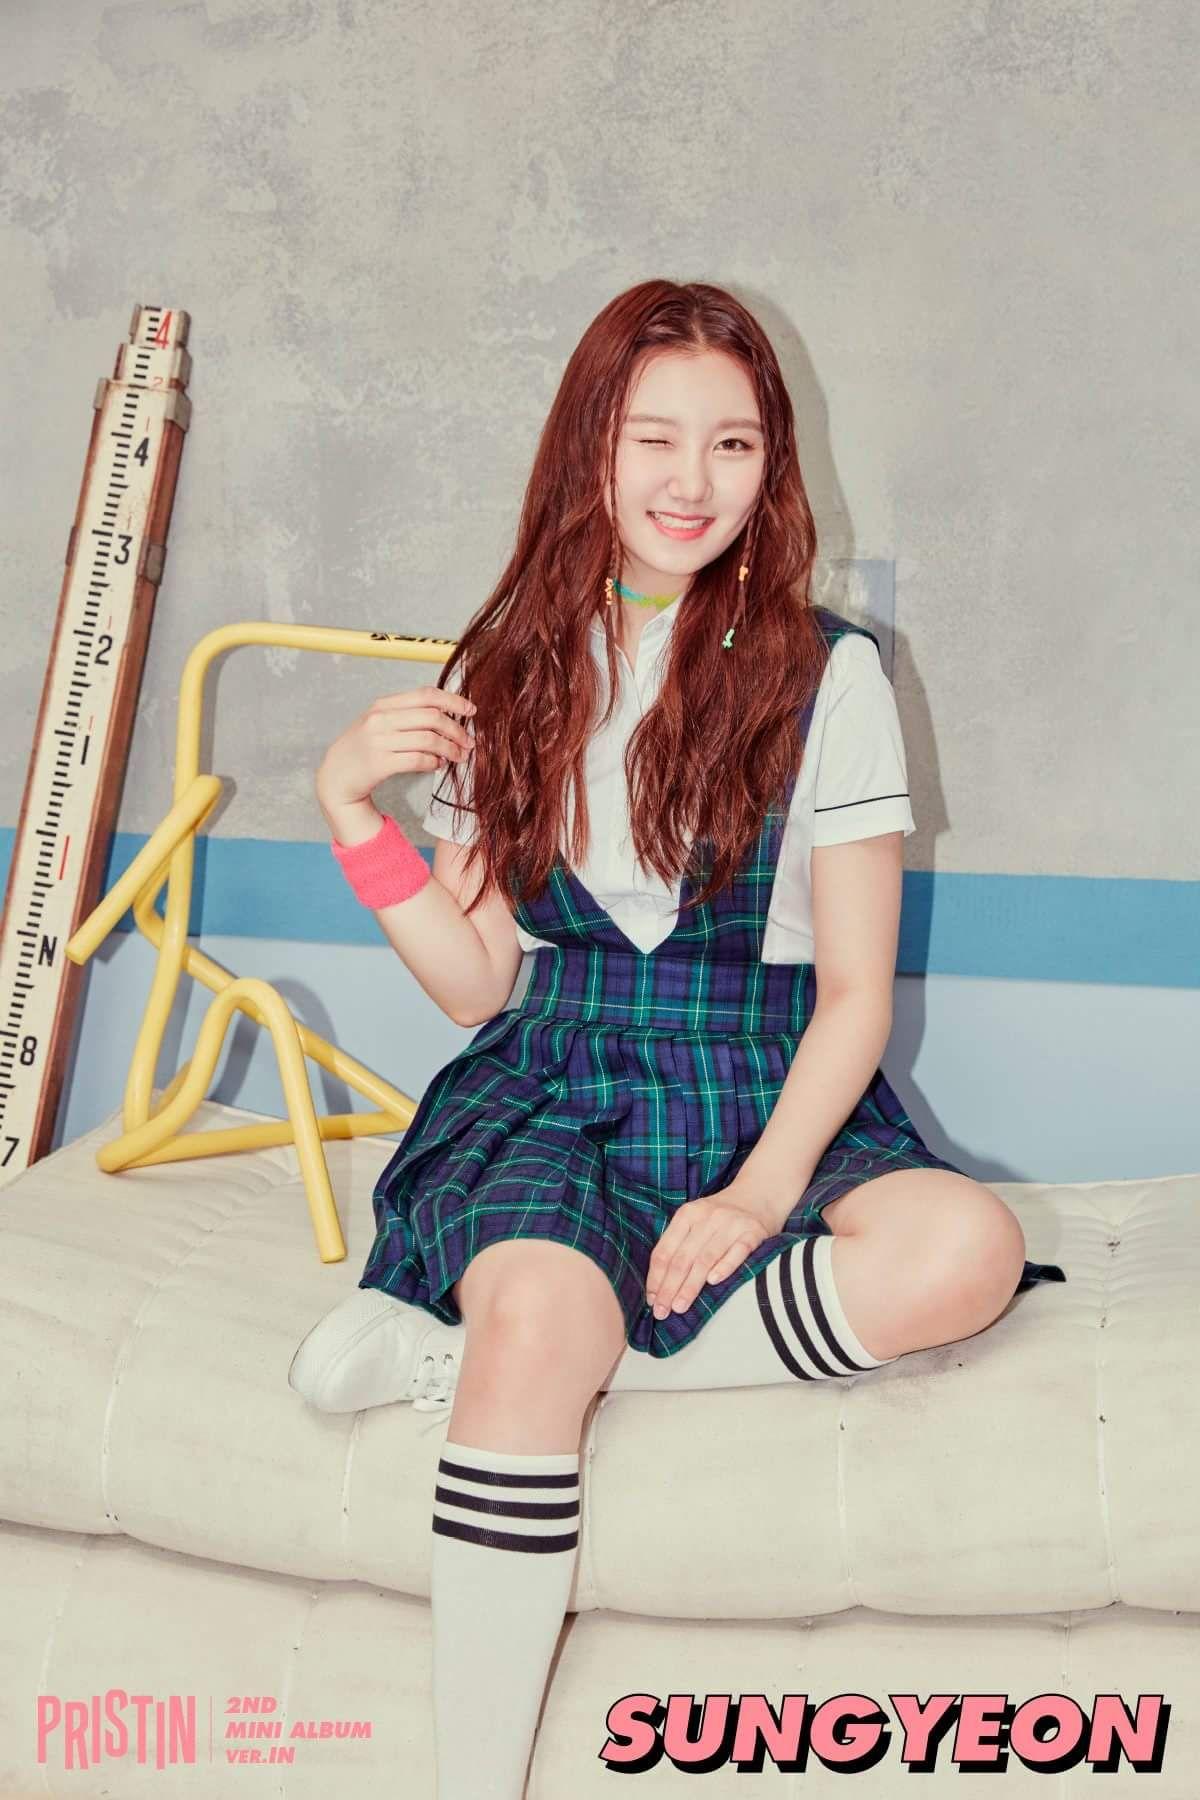 Imagini pentru pristin bae seong yeon